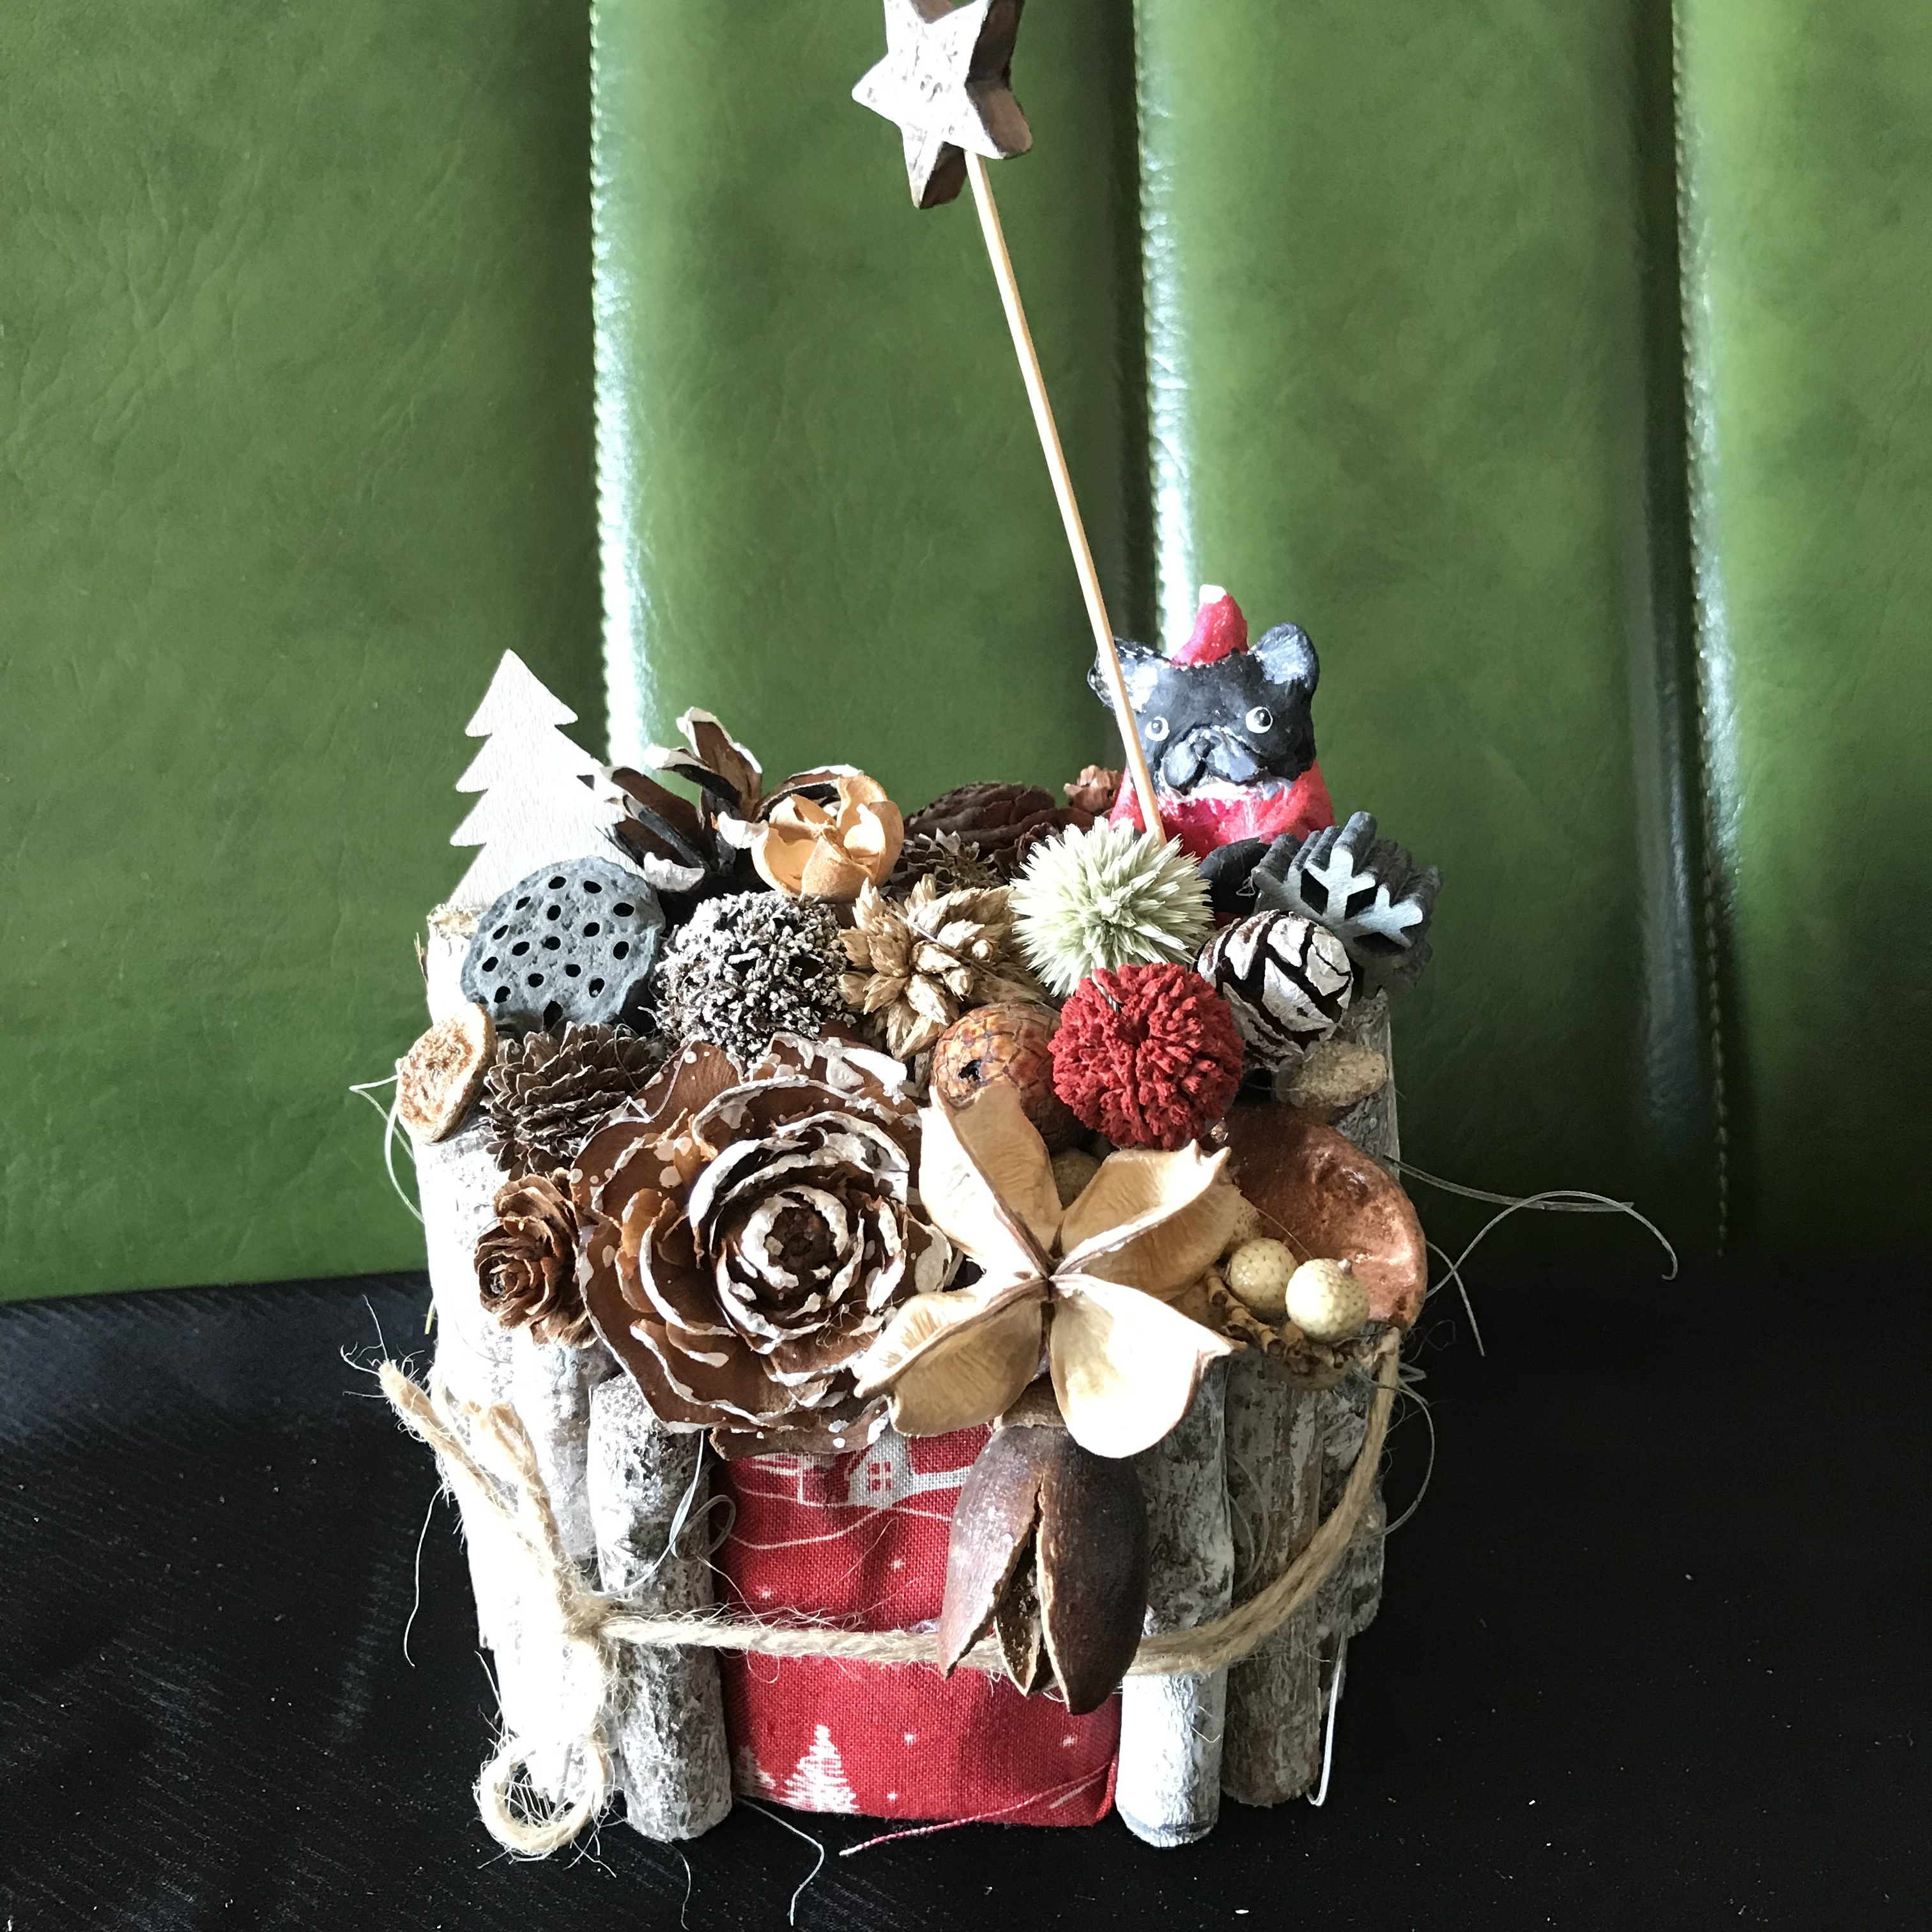 白樺の森のBUHIクリスマス(ブリンドル)